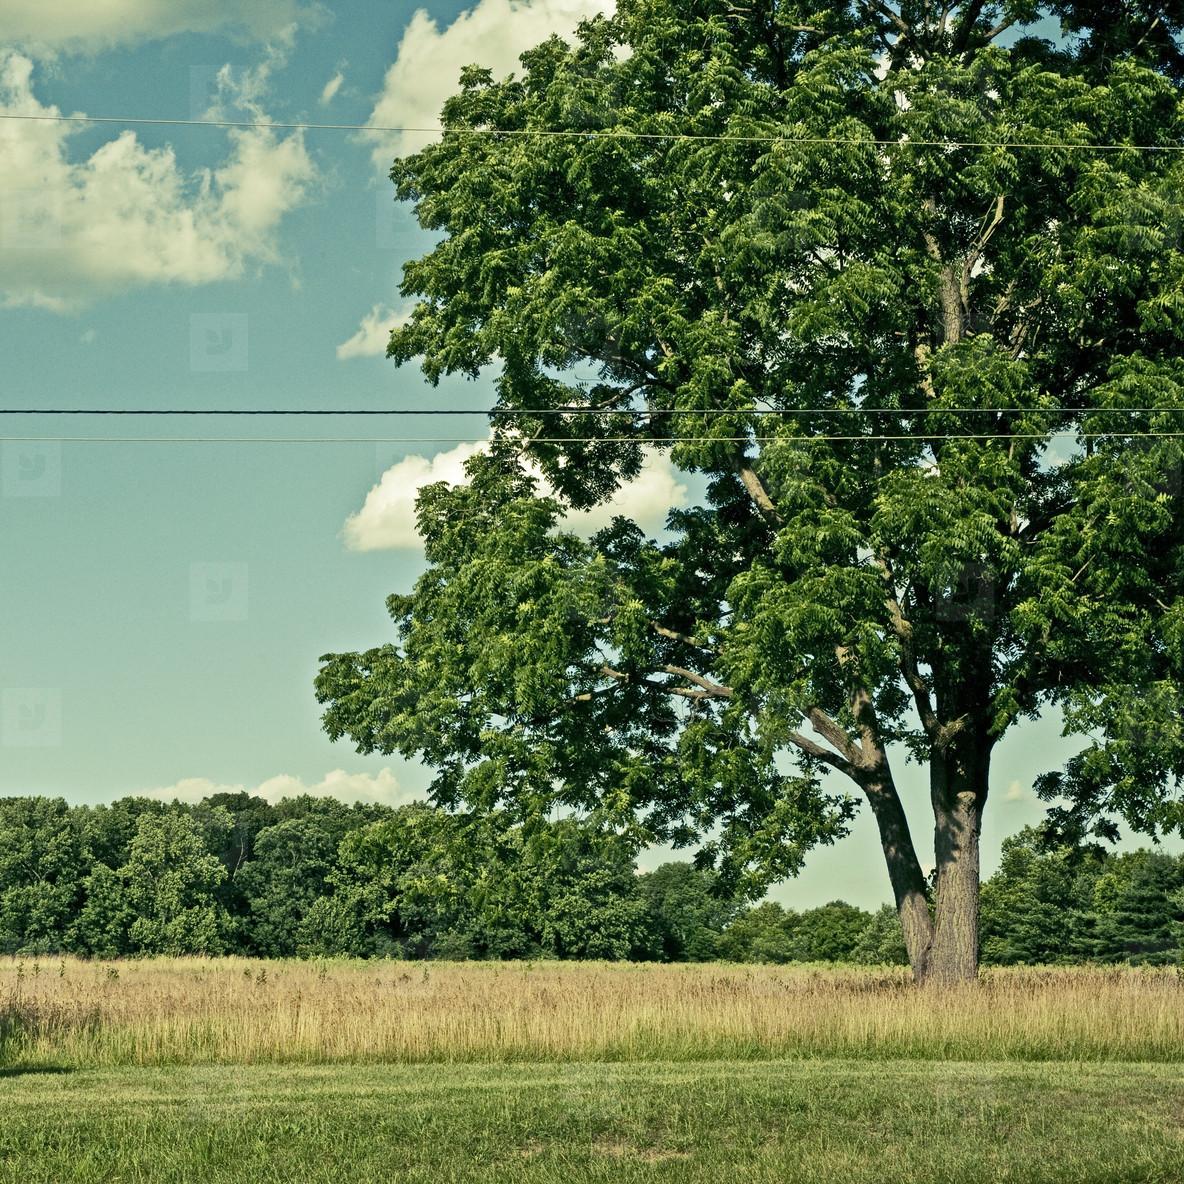 Road  tree  field  sky